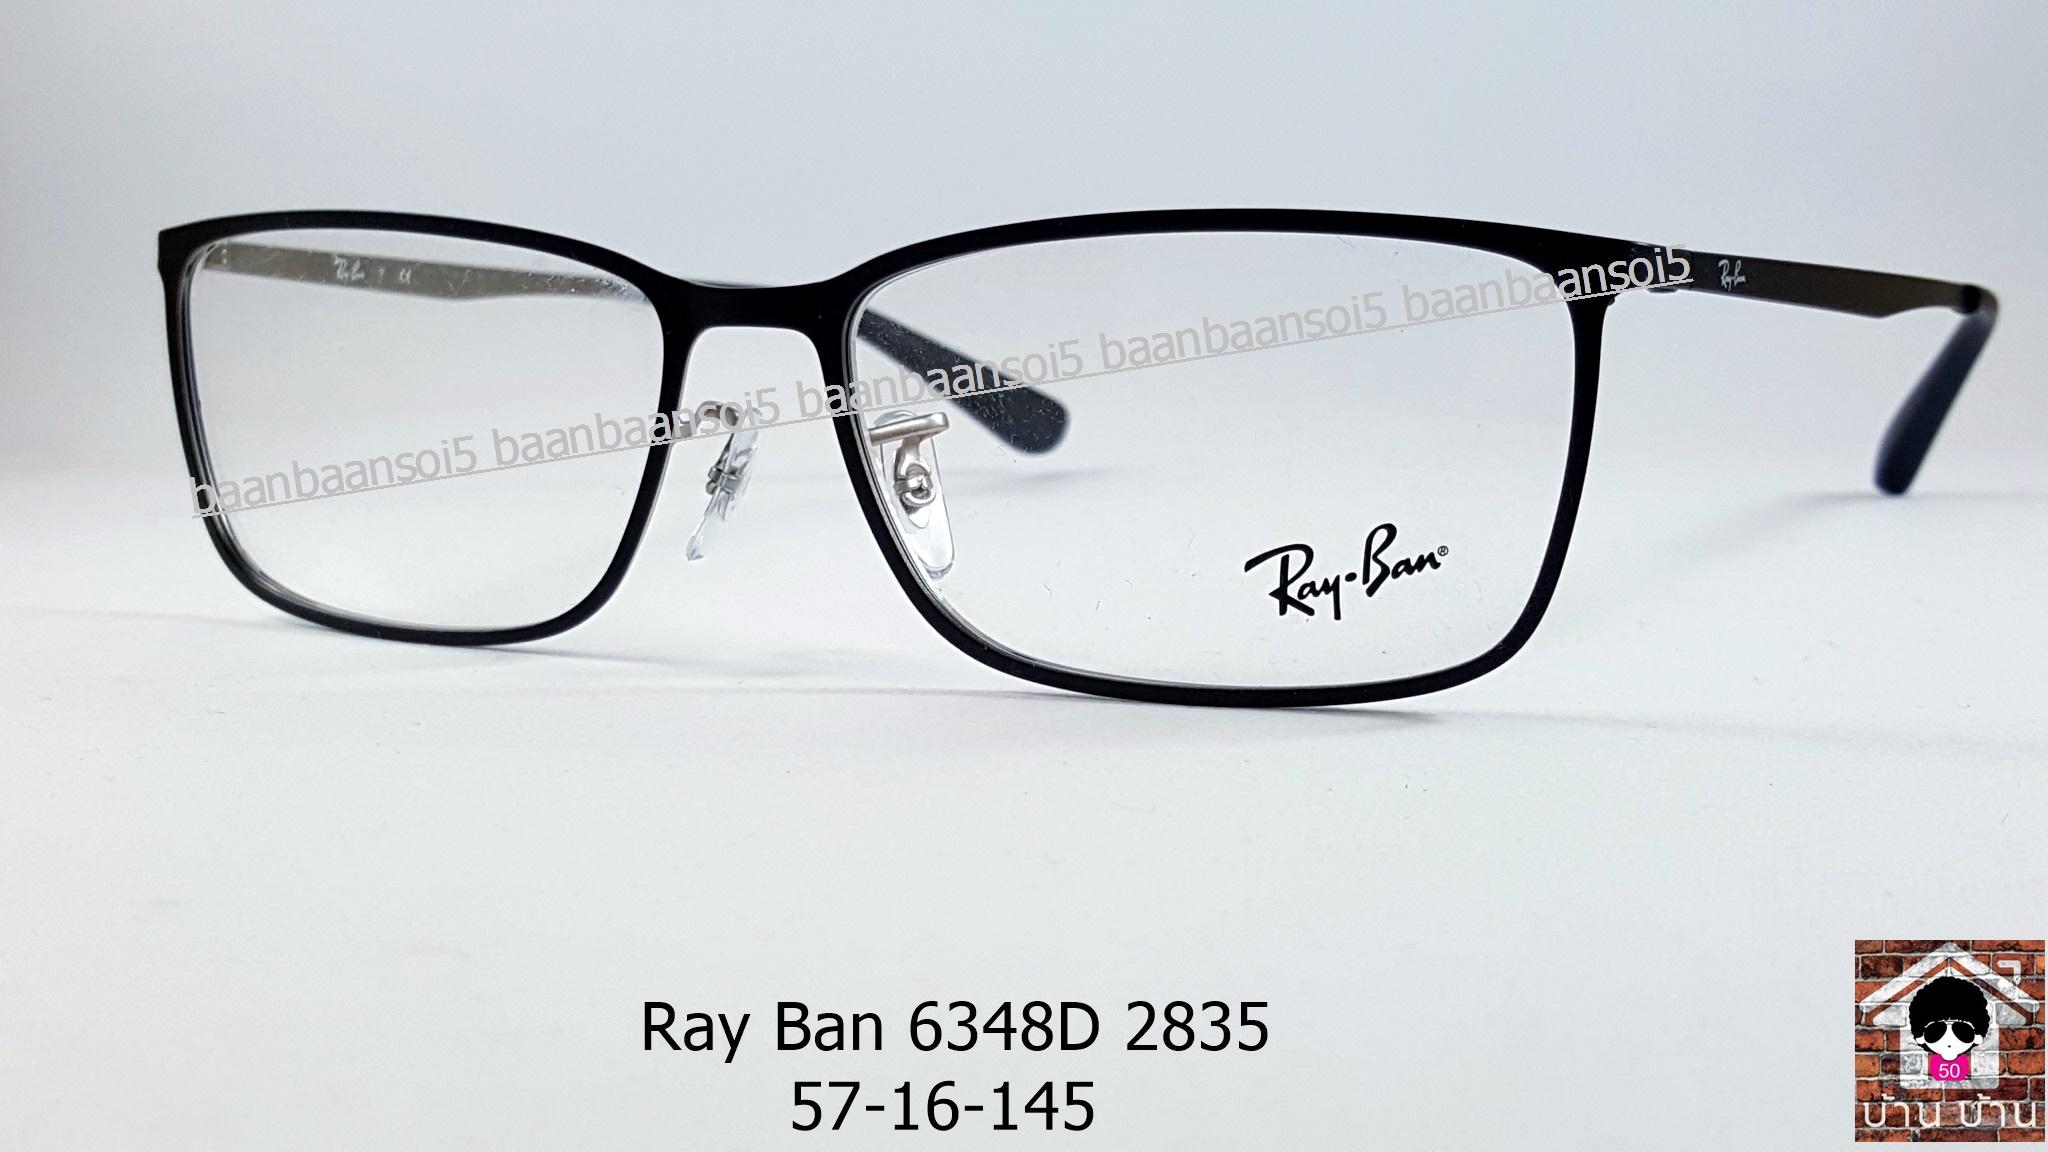 Rayban RX 6348D 2832 โปรโมชั่น กรอบแว่นตาพร้อมเลนส์ HOYA ราคา 3,700 บาท